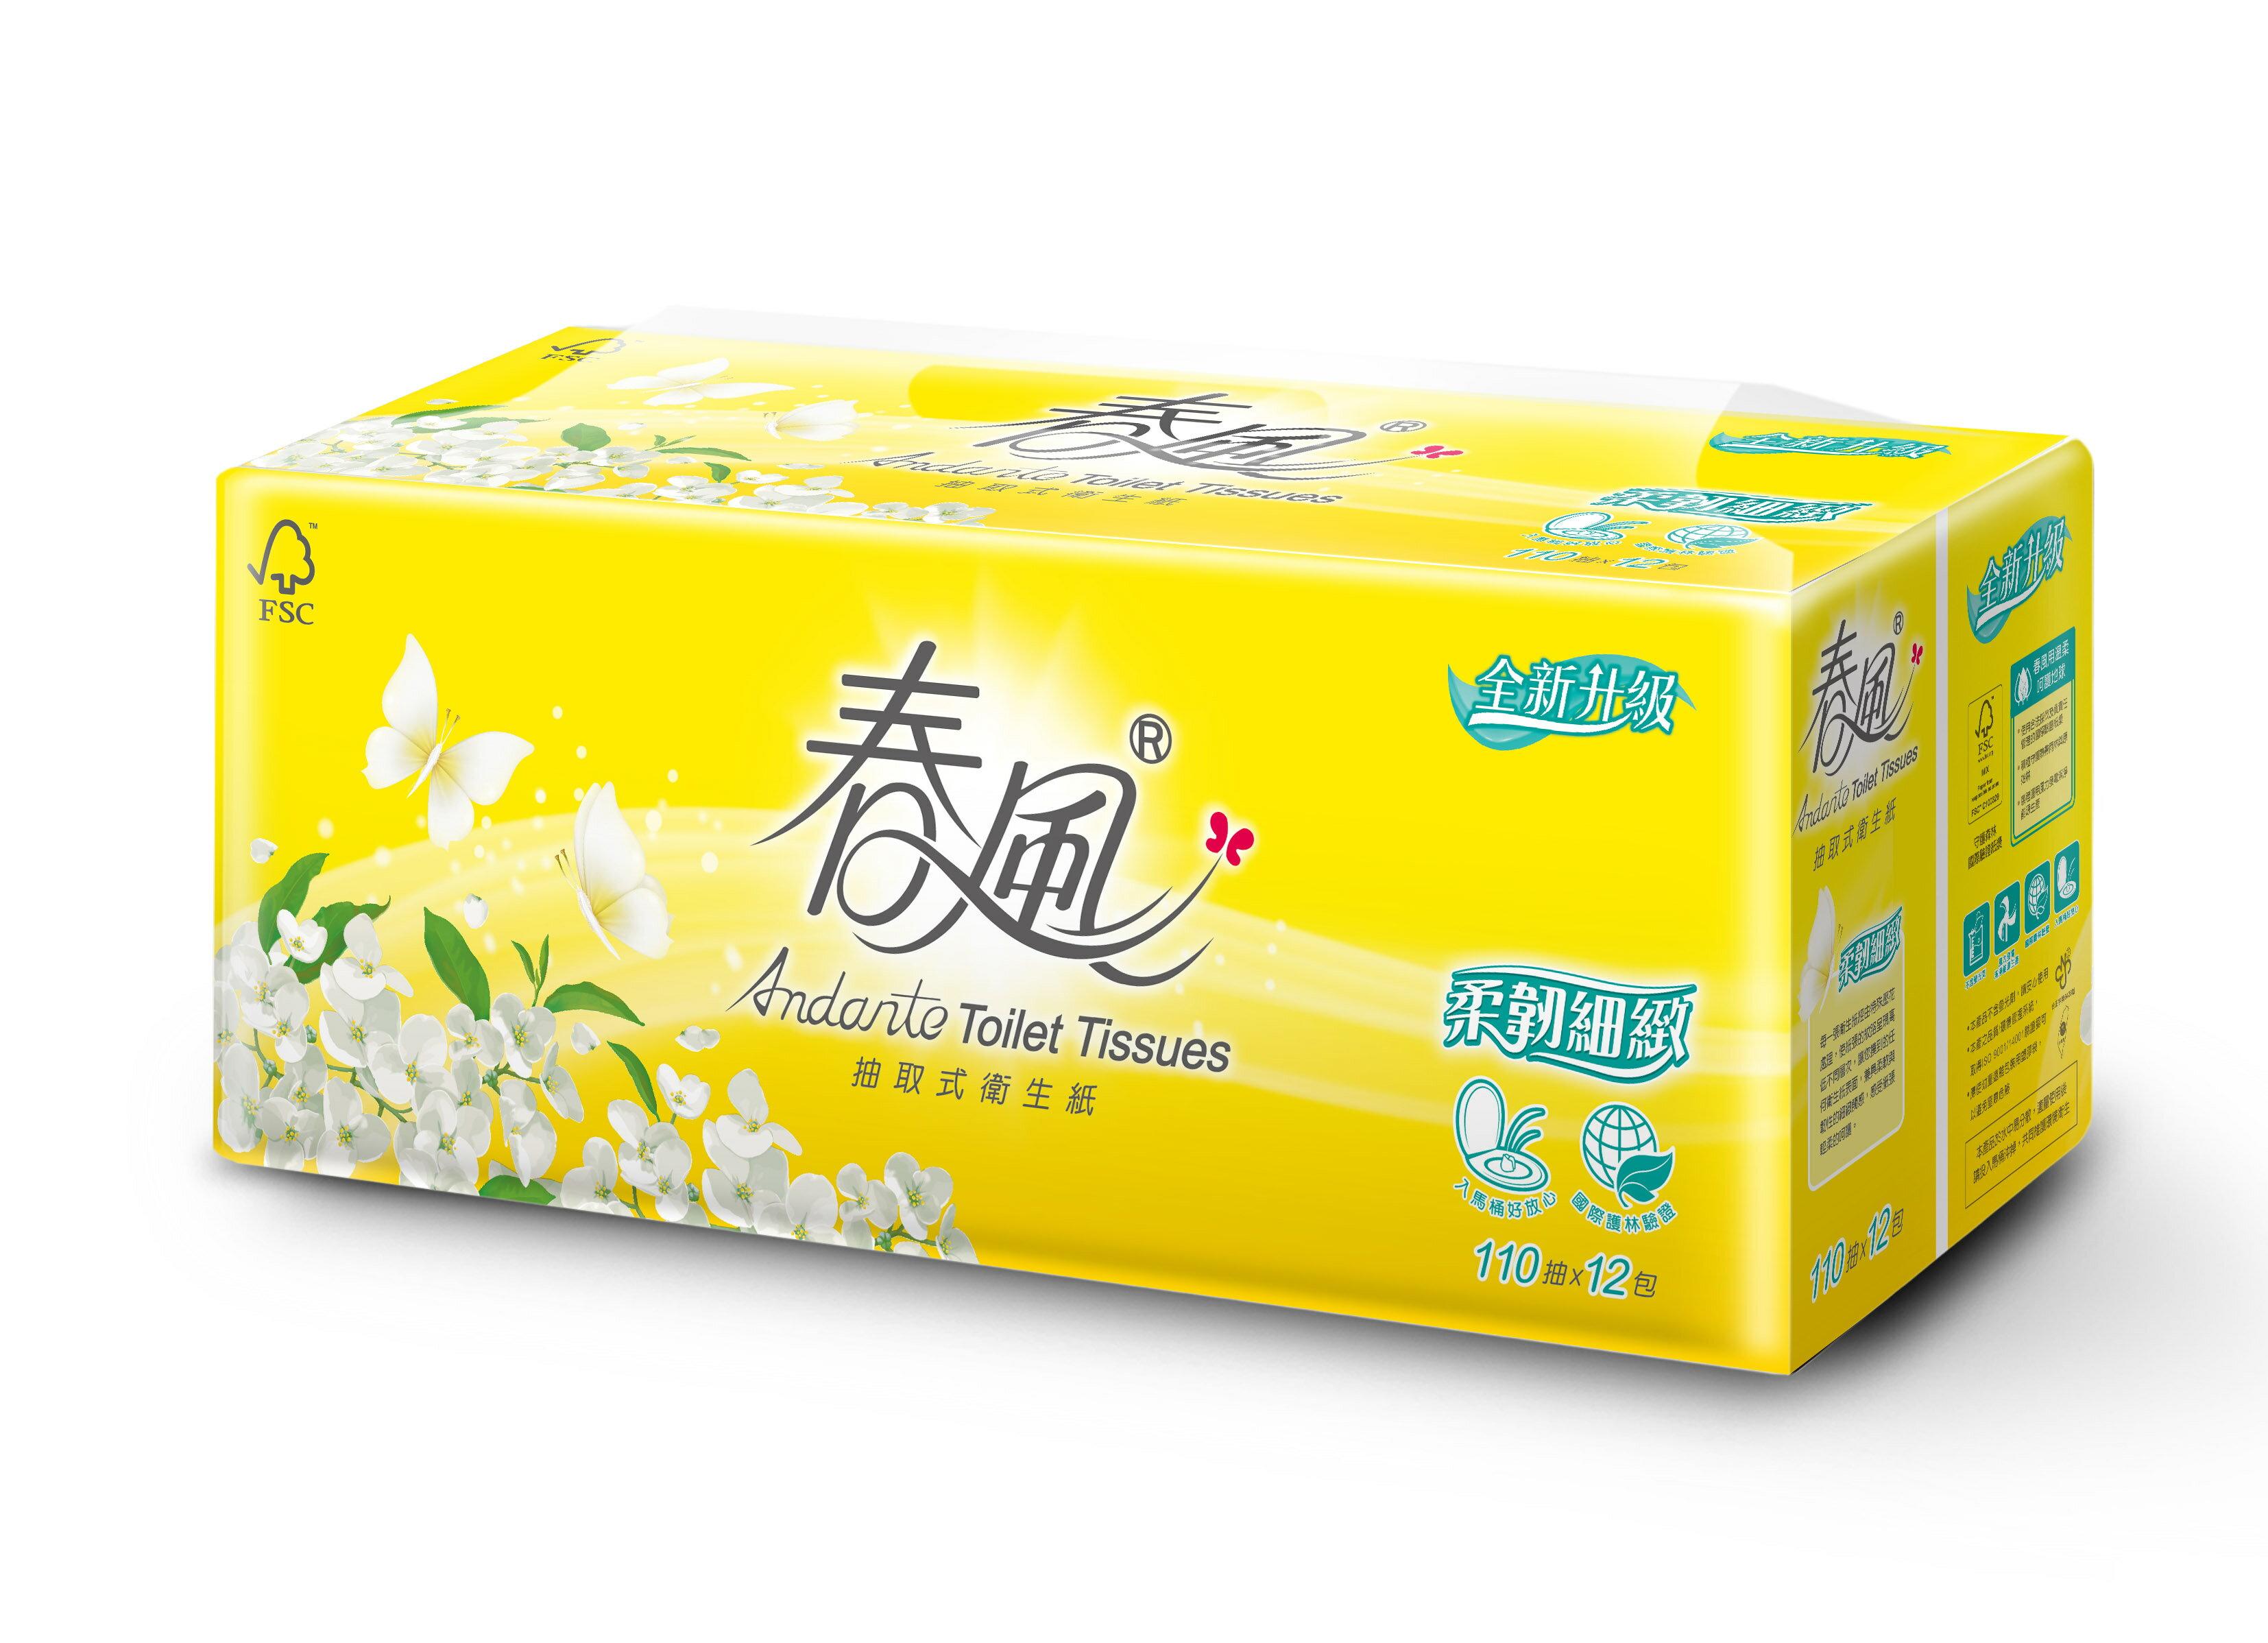 衛生紙 春風 1串 6包 100 抽 柔韌 細緻 抽取式 全新升級 柔軟